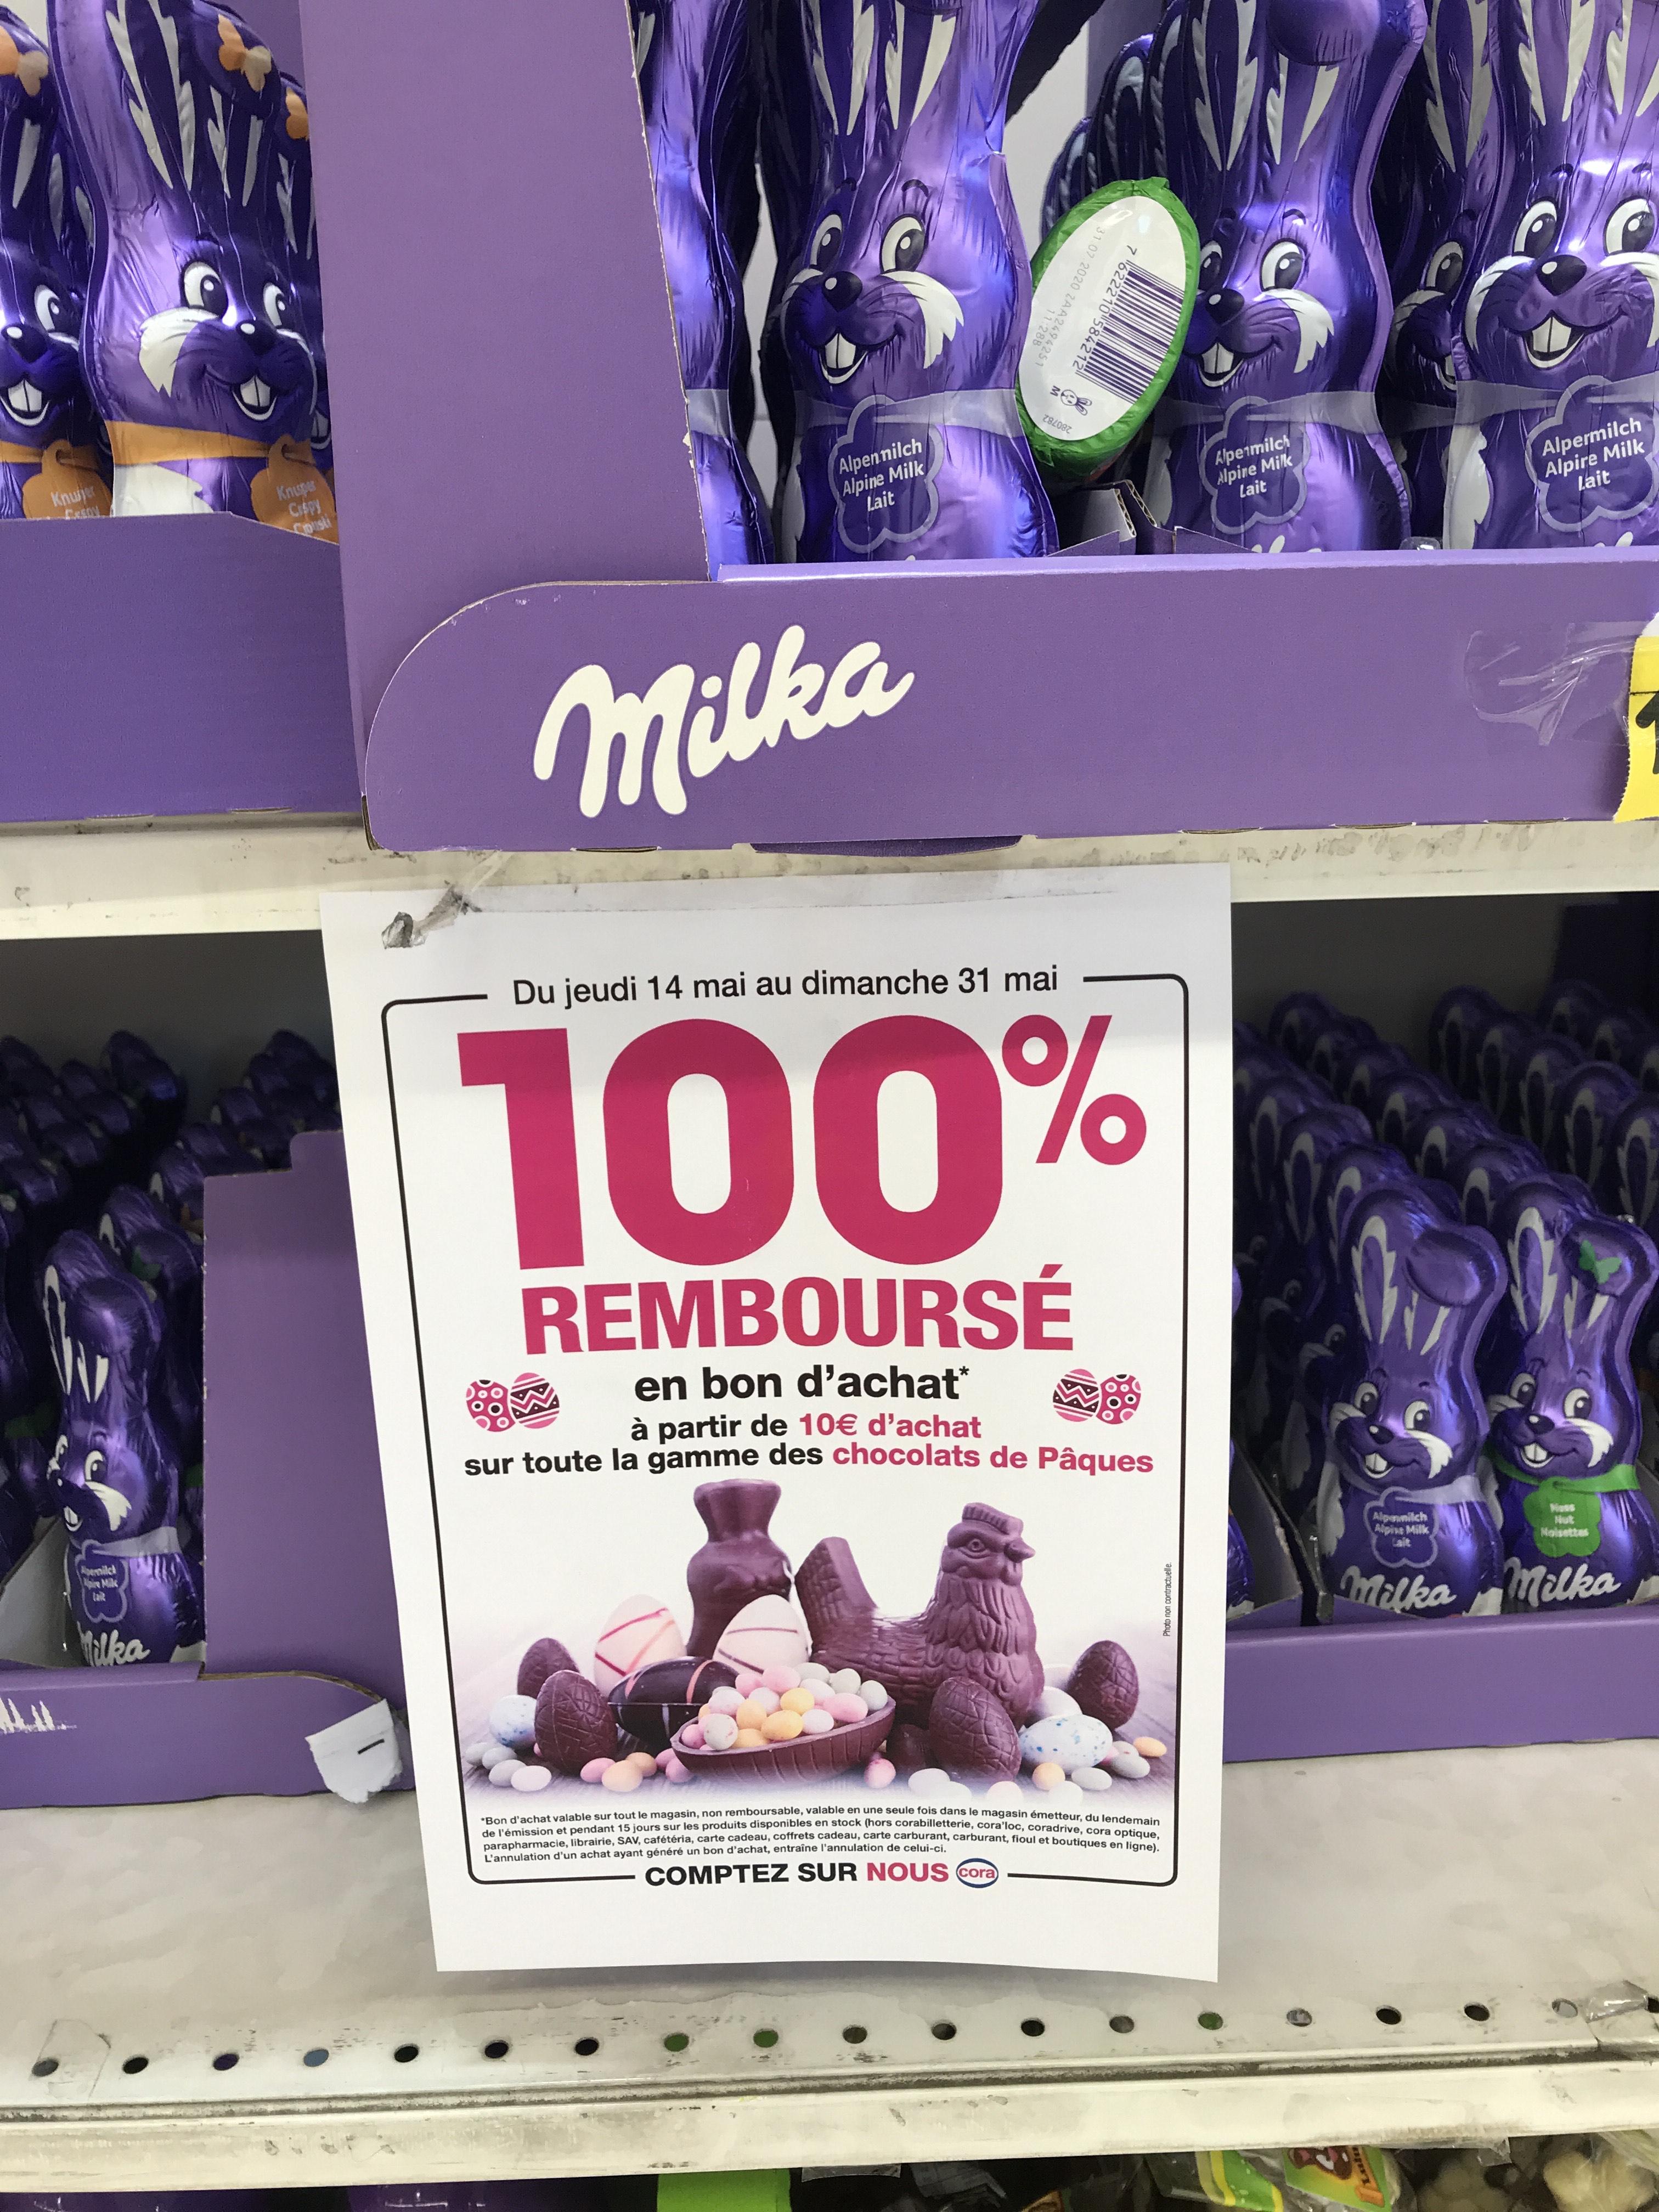 Chocolats de Pâques remboursés à 100% en bon d'achat à partir de 10€ d'achat - Sélection de magasins